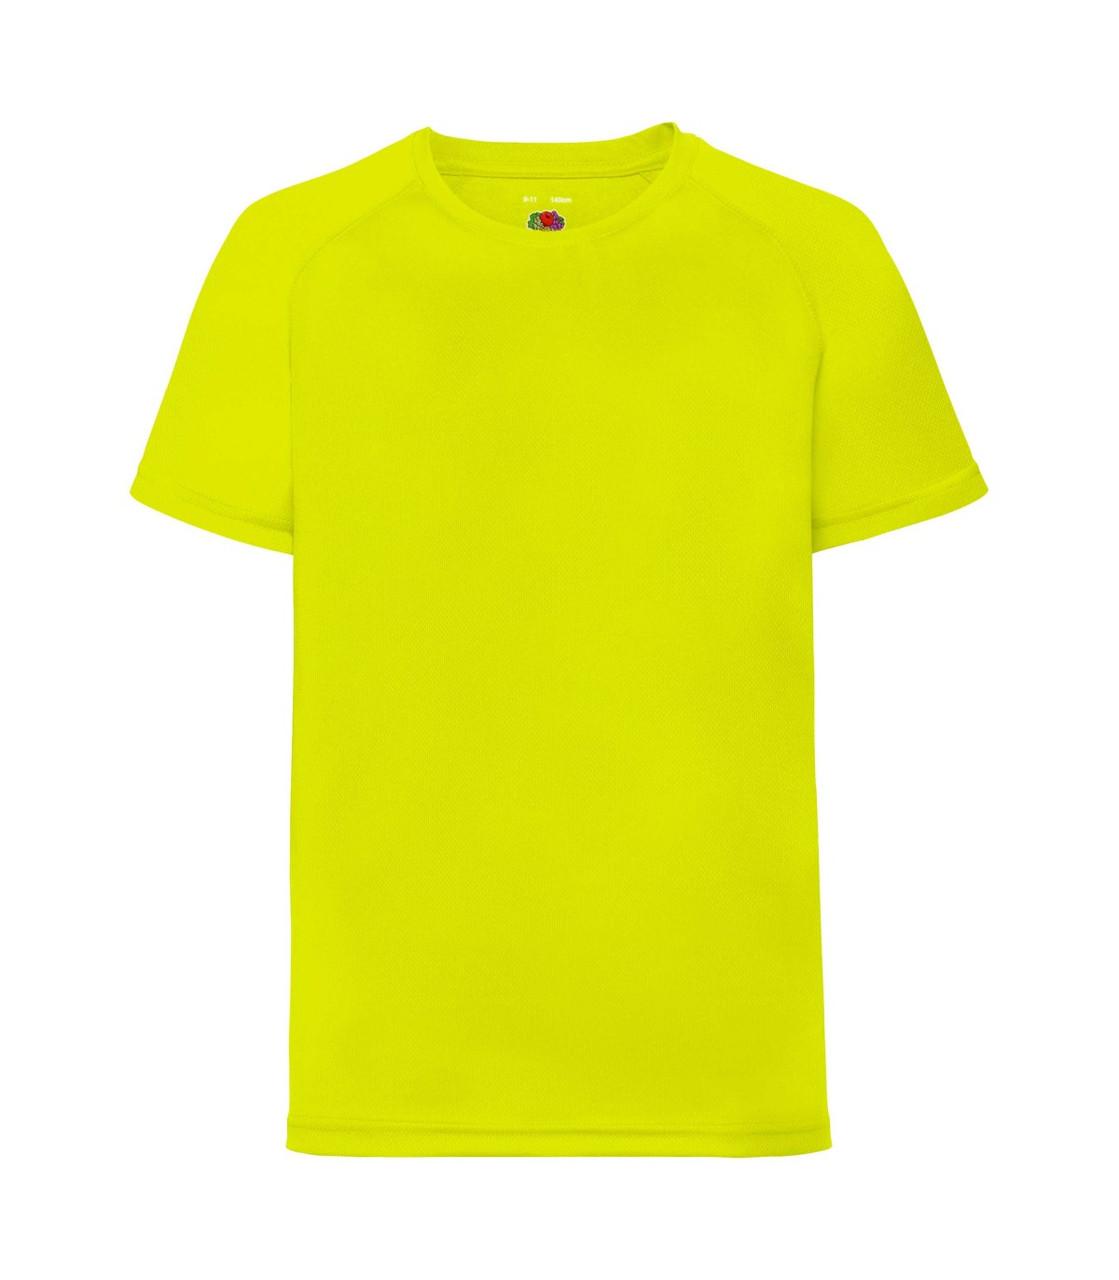 Детская спортивная футболка полиэстер желтая 013-ХК